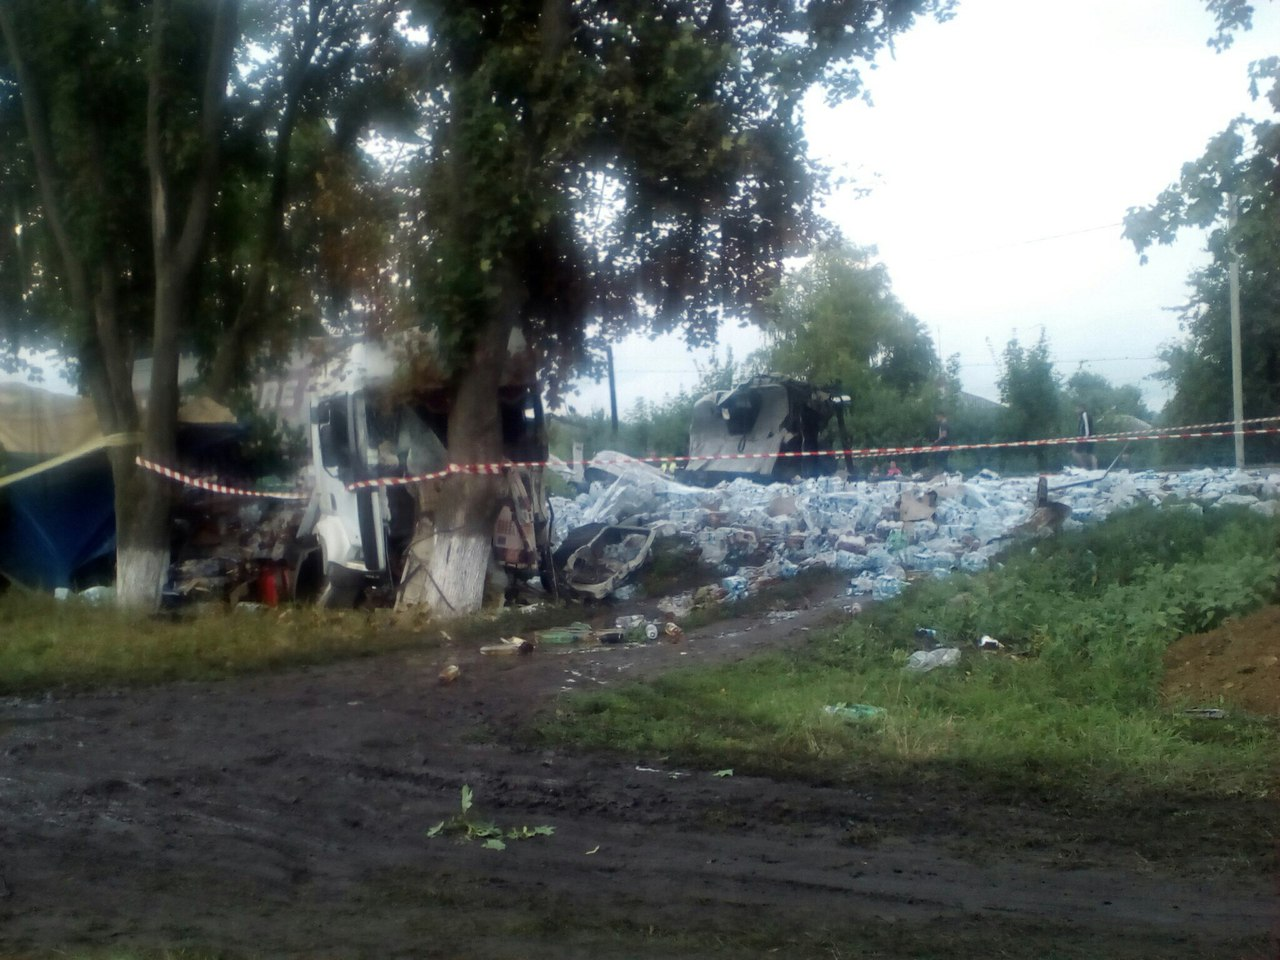 Під Харковом зіткнулися фури: одна влетіла в дерево, у іншої відрізало кабіну - фото 4